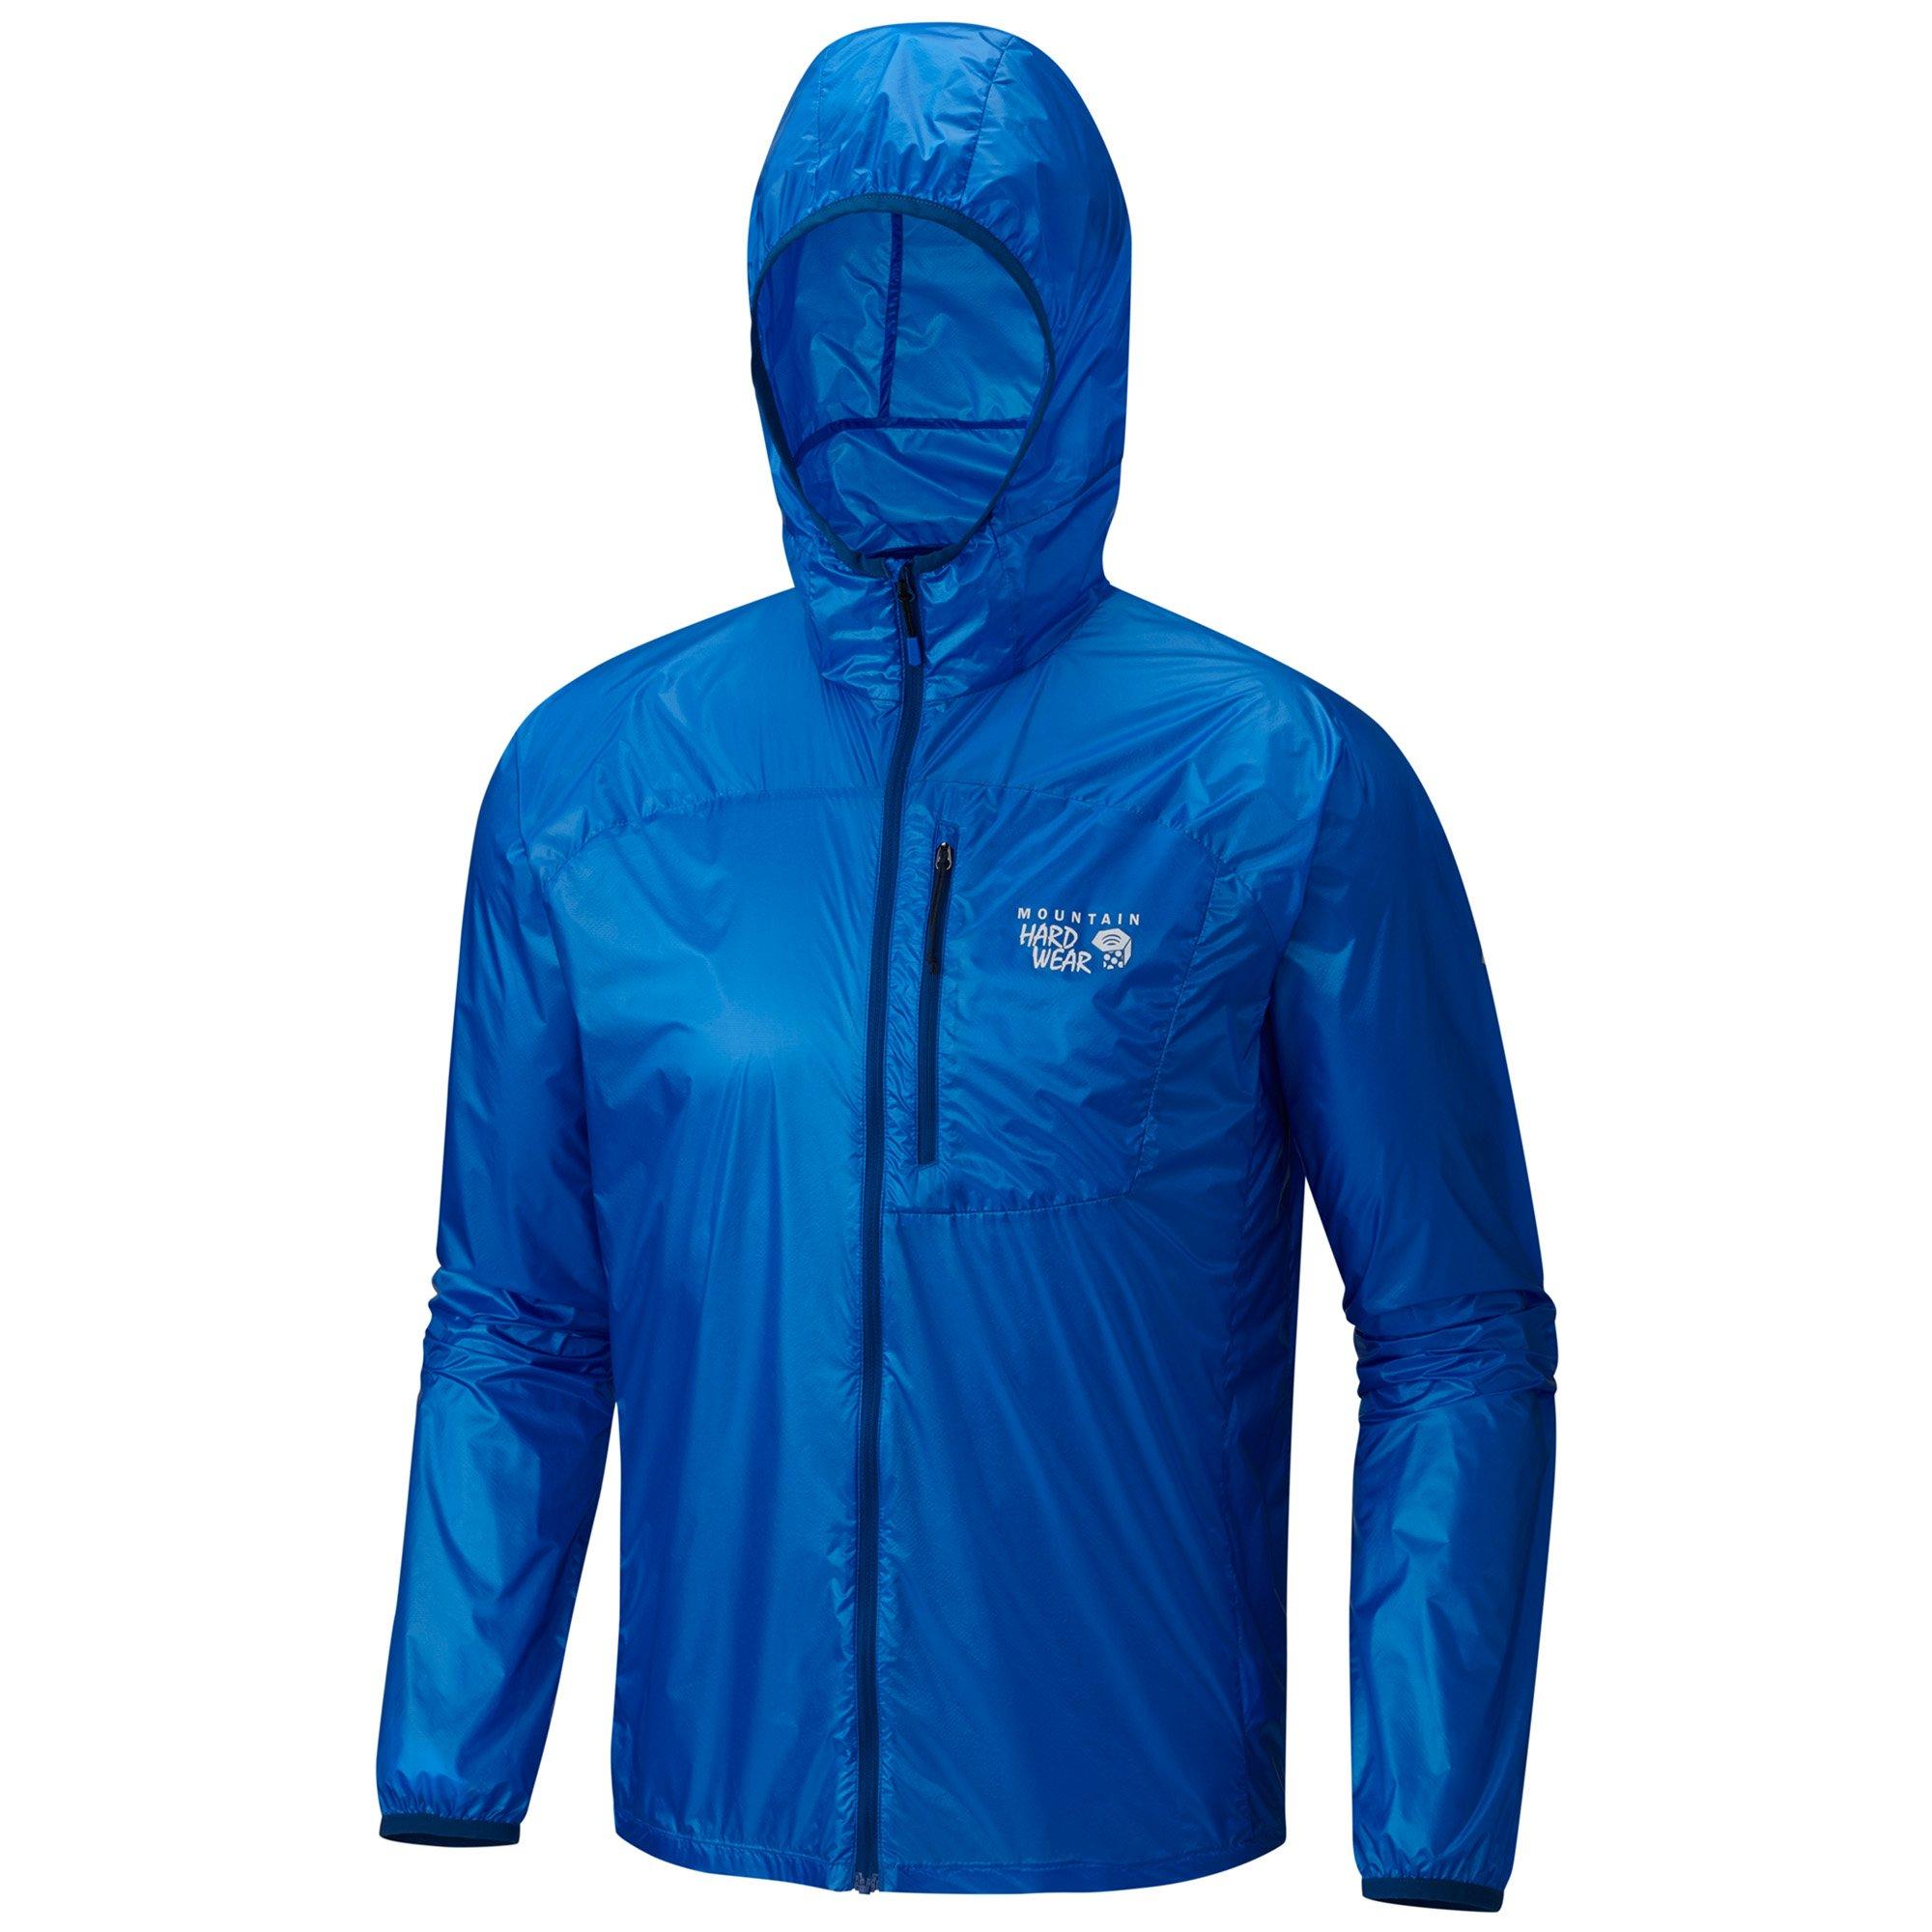 Mountain Hardwear Men's Ghost Lite Jacket, Altitude Blue, L by Mountain Hardwear